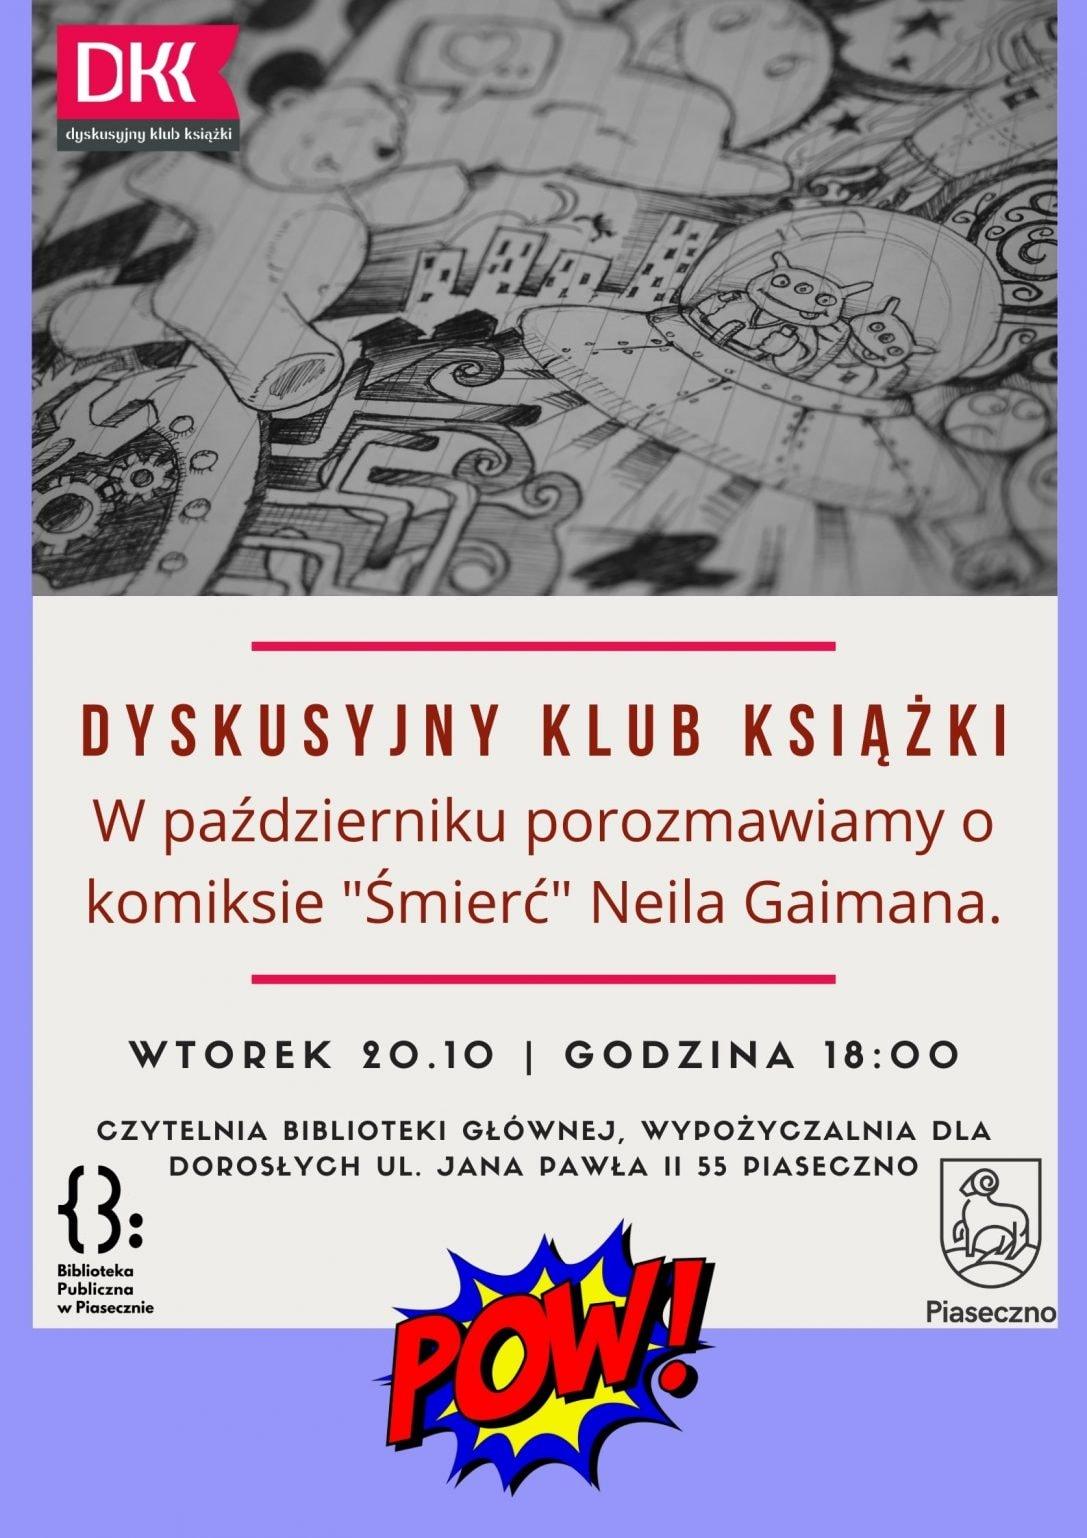 Plakat Dyskusyjnego Klubu Książki